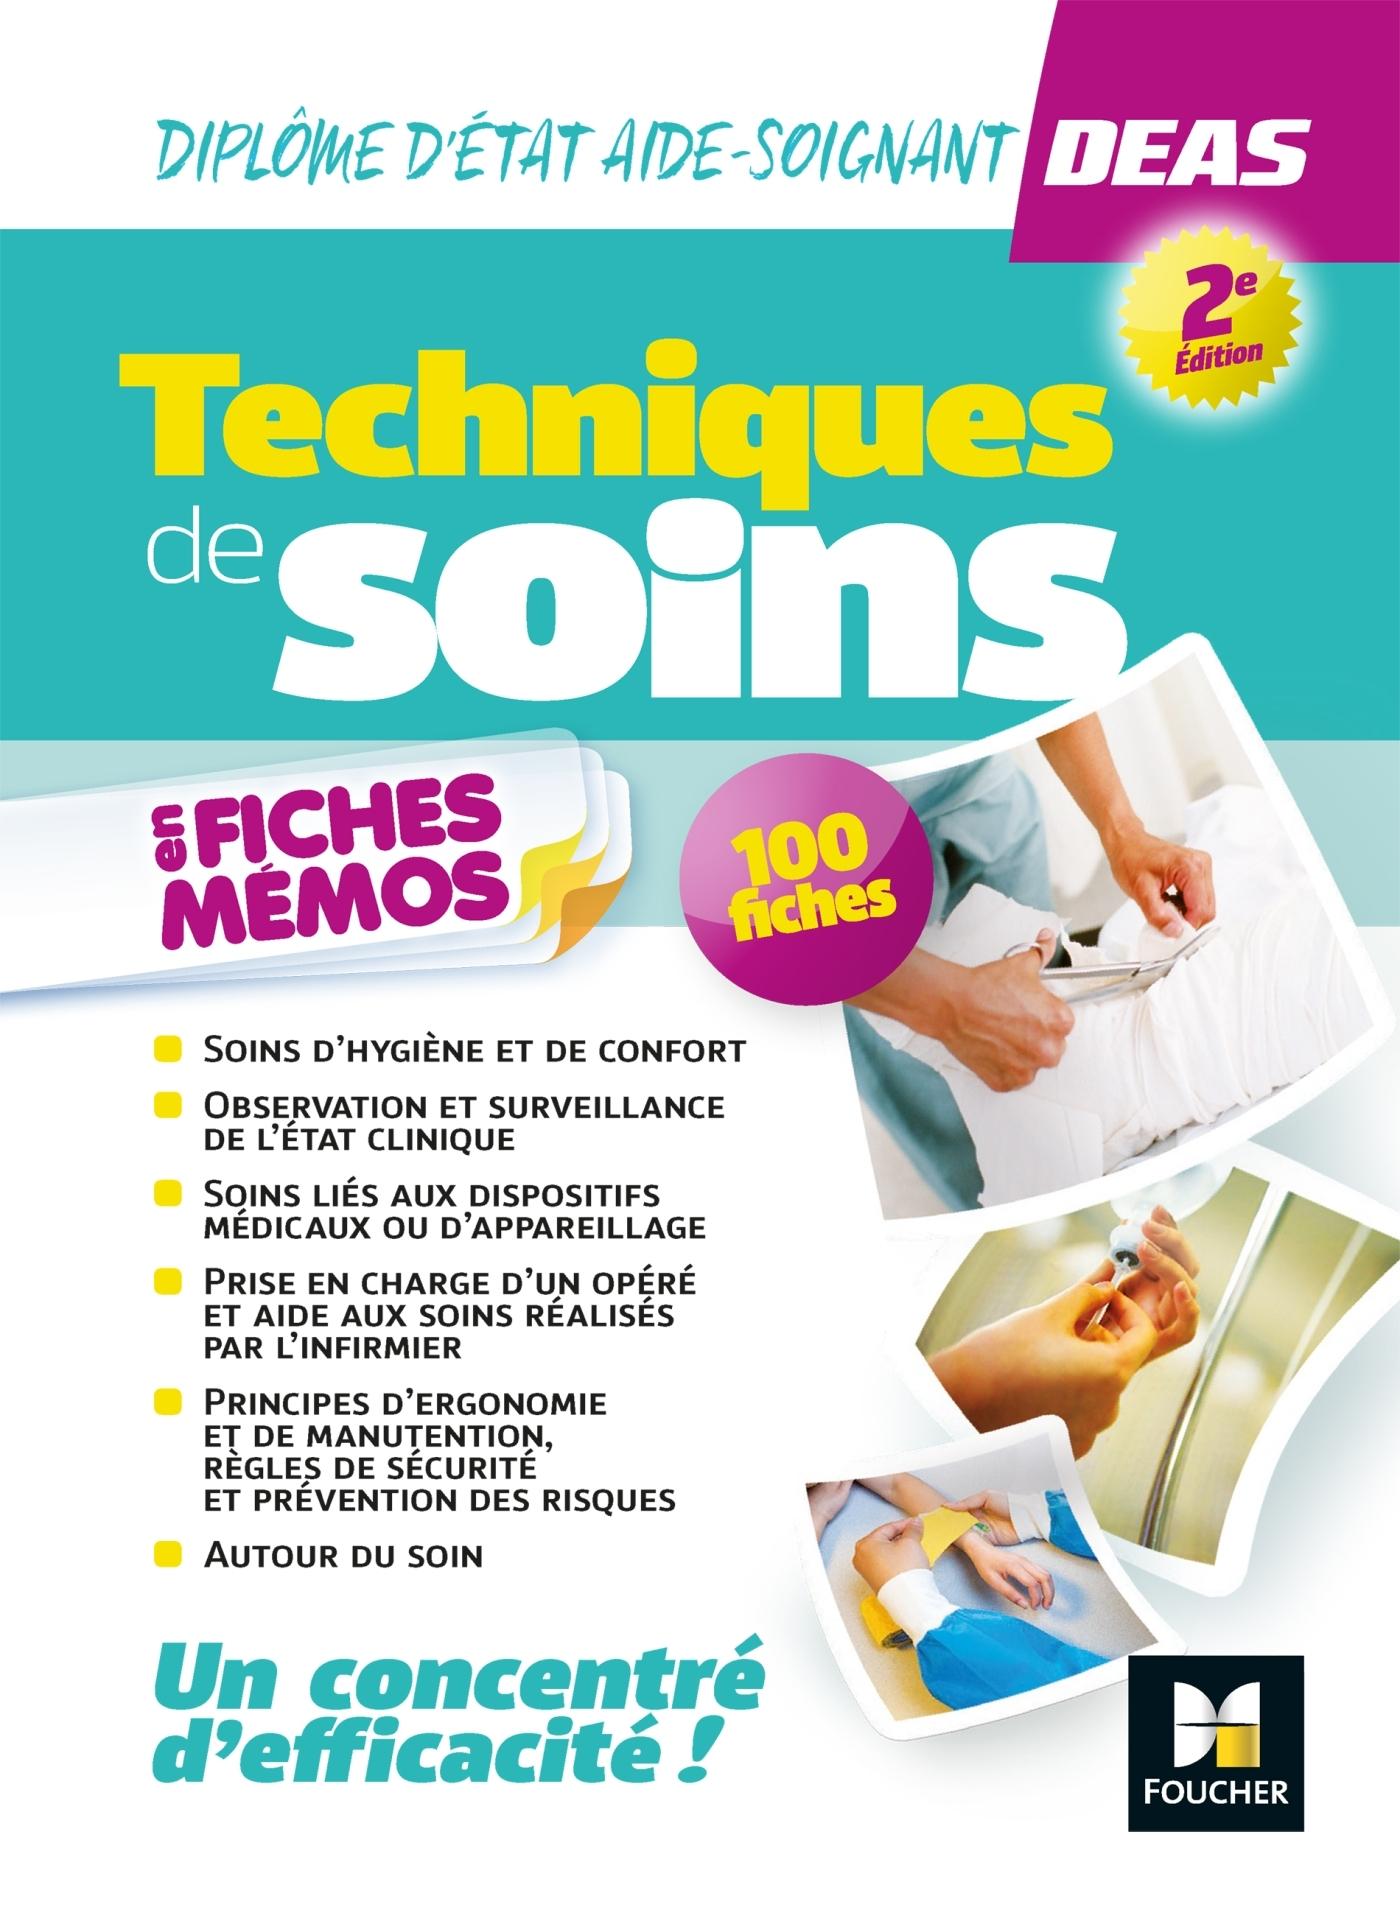 BLOCS - AIDE-SOIGNANT - 34 - TECHNIQUES DE SOINS EN FICHES MEMOS - DIPLOME D'ETAT AIDE-SOIGNANT- DEA